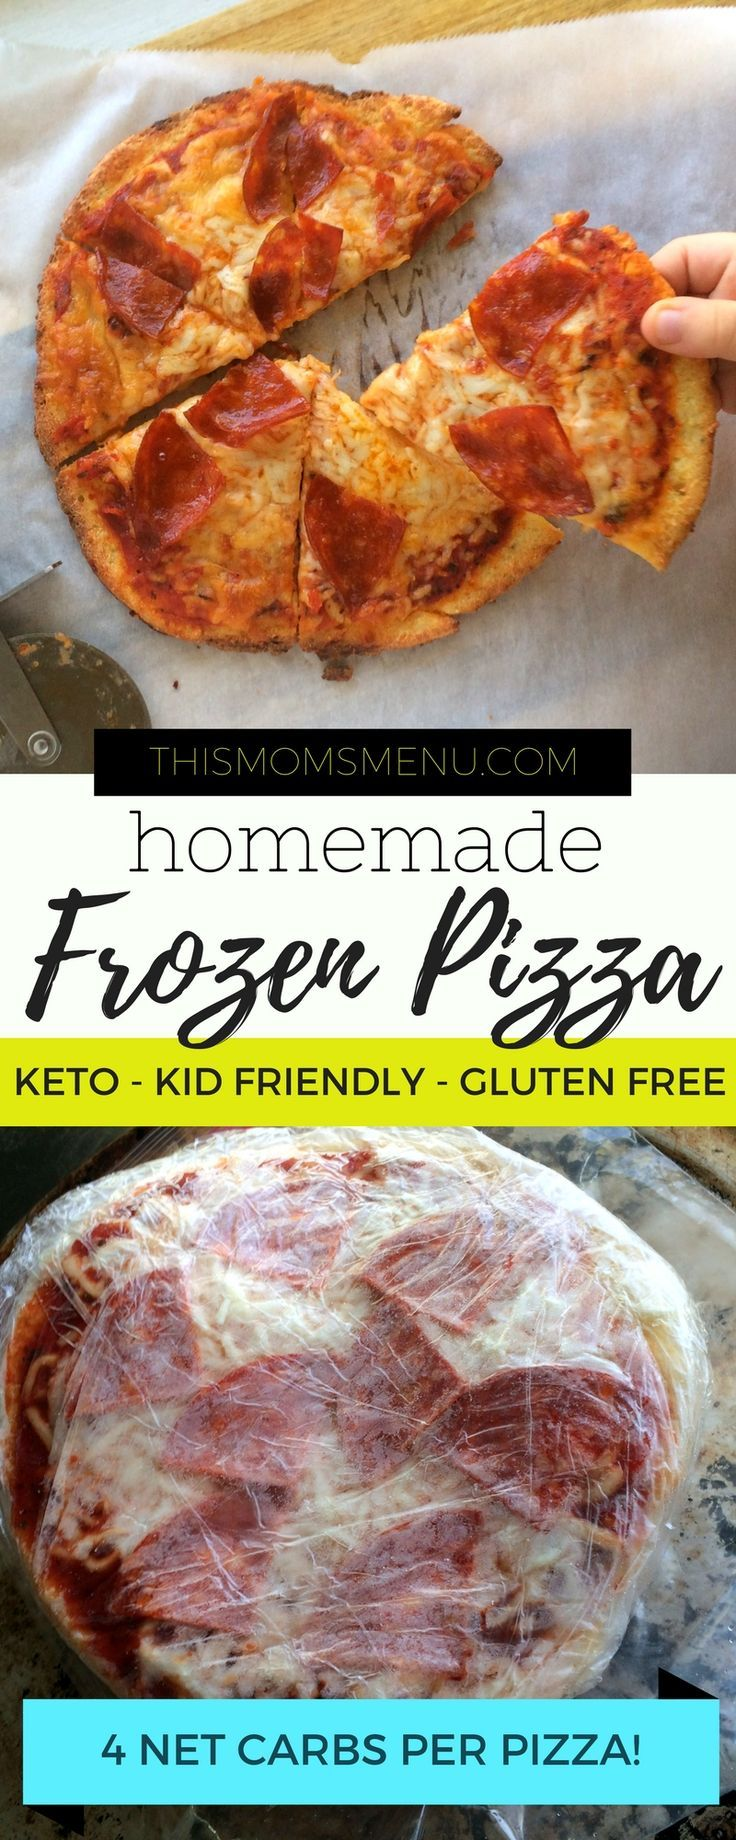 Homemade Frozen Pizza, Keto Pizza, Gluten free, grain free, DIY frozen pizza